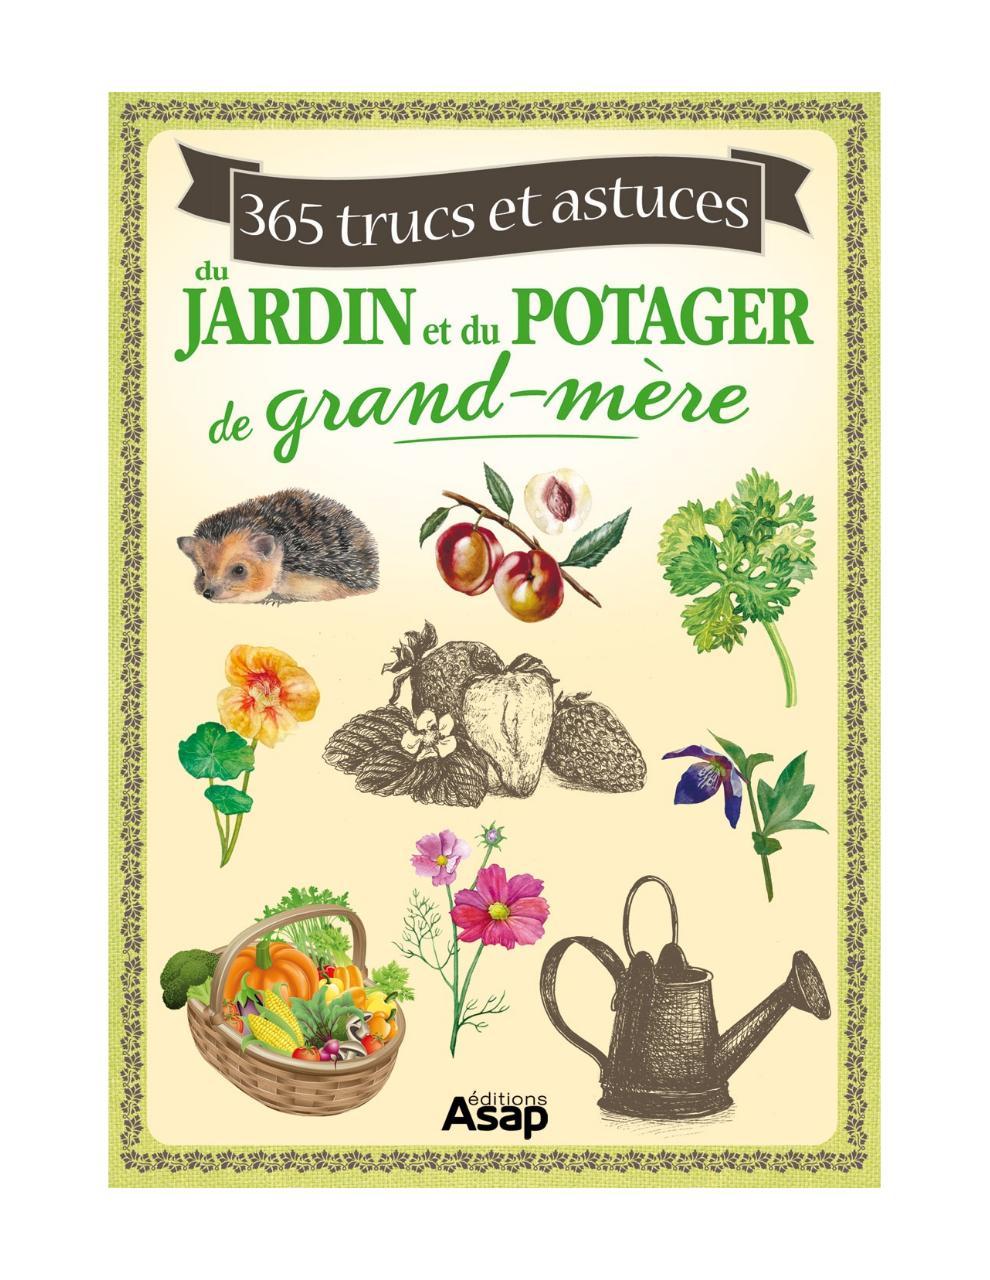 365 trucs et astuces du jardin et du potager.pdf - page 1/83